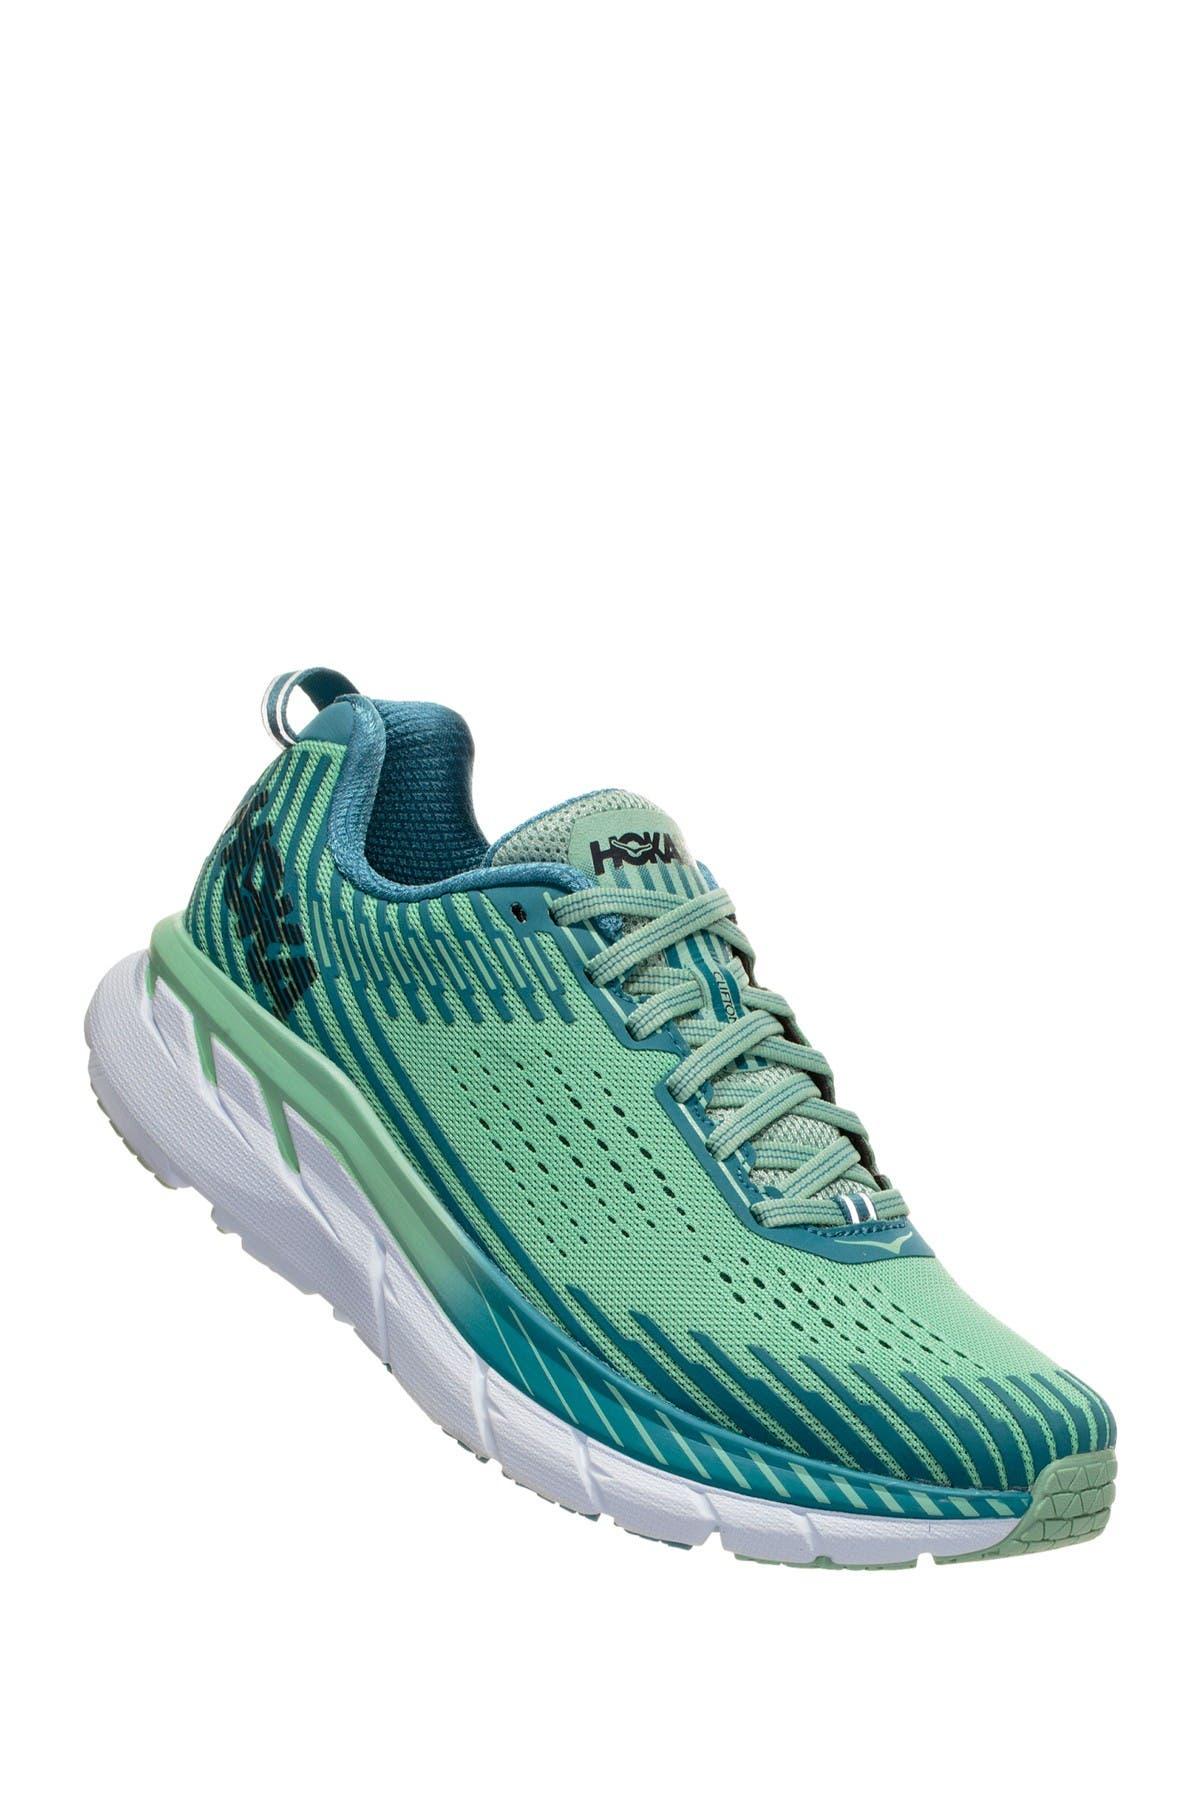 Clifton 5 Running Sneaker | Nordstrom Rack